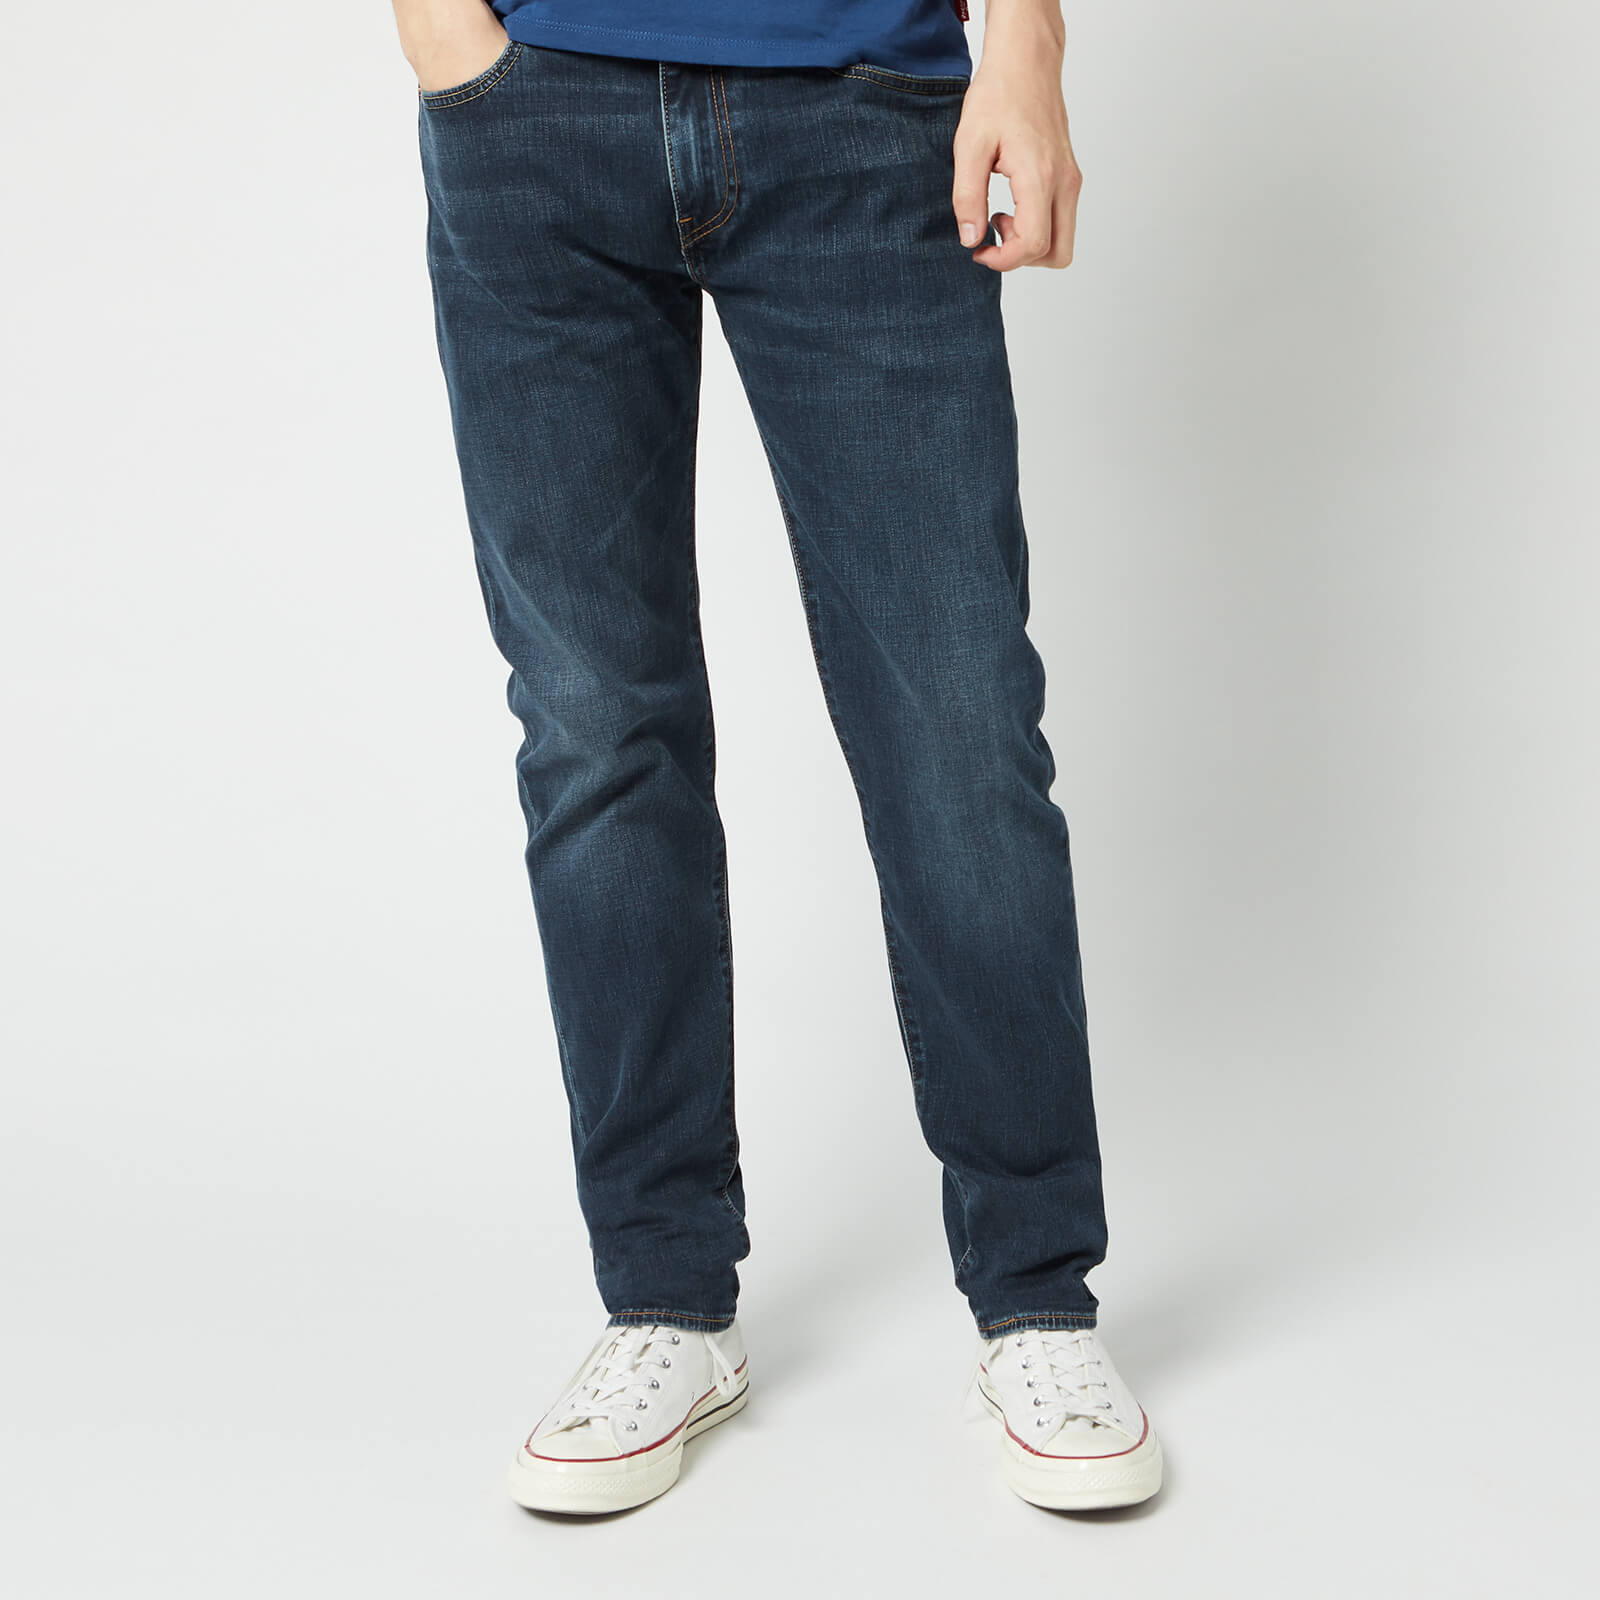 Levi's 李維斯 502 Taper 男士直筒牛仔褲